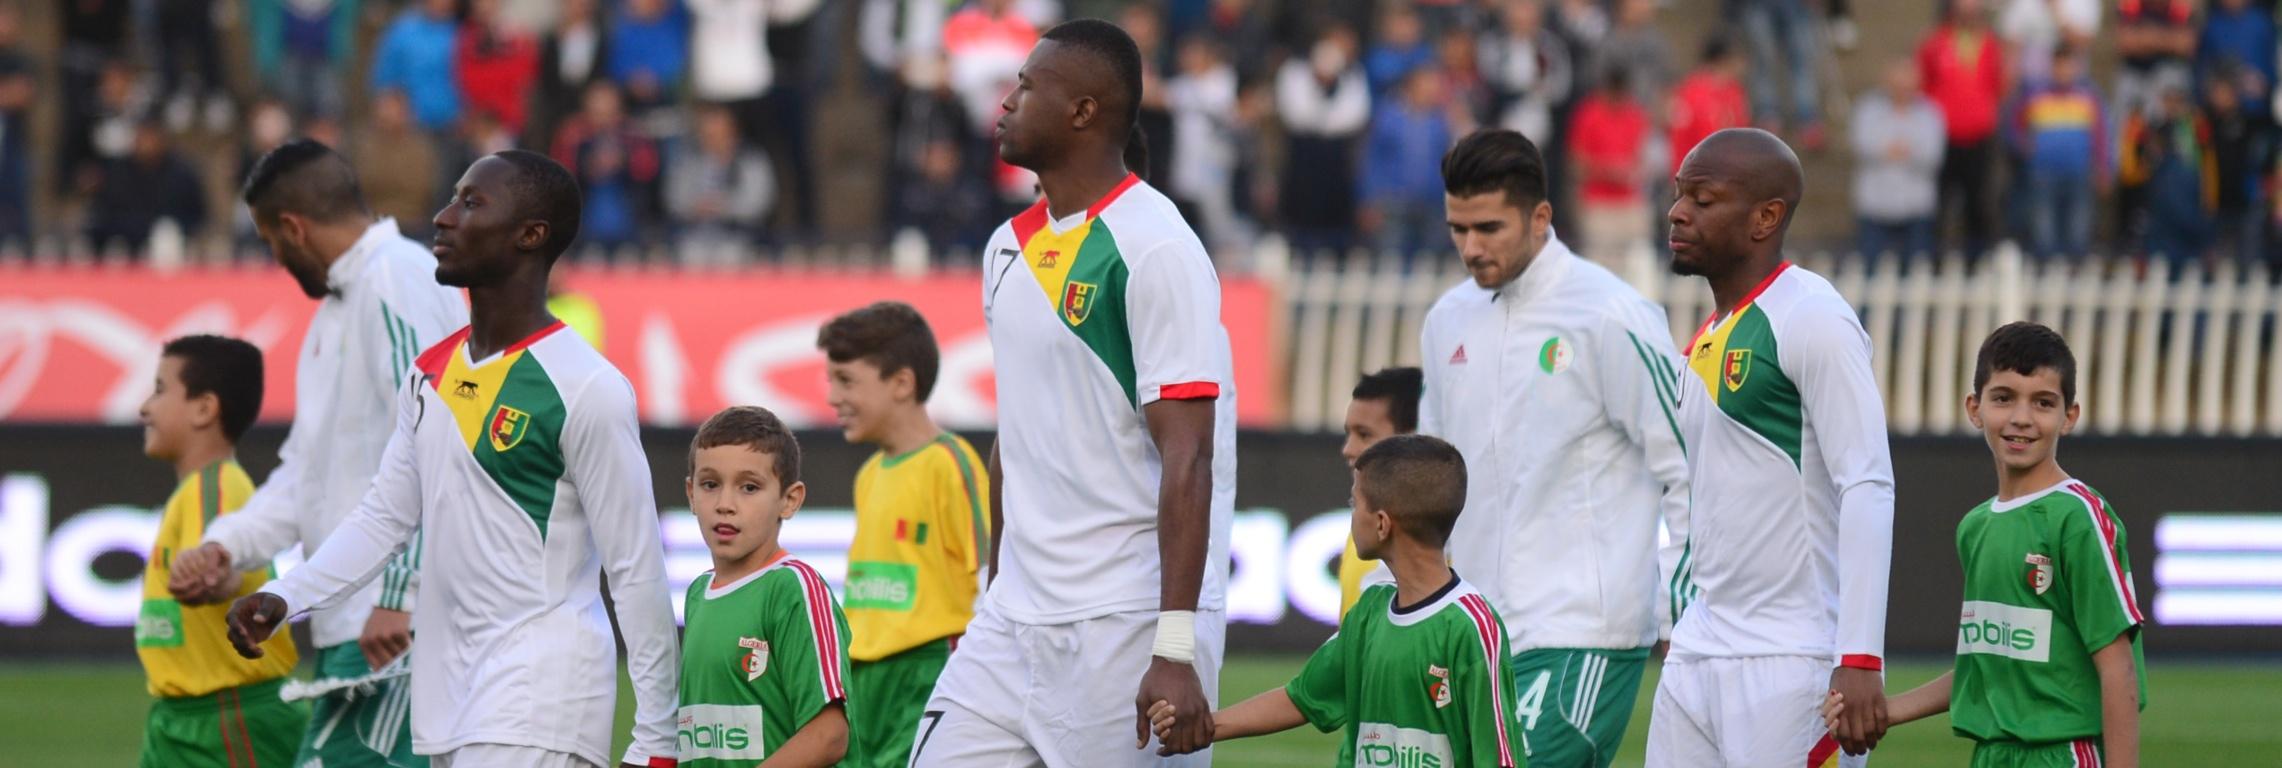 slider algerie guinee amical